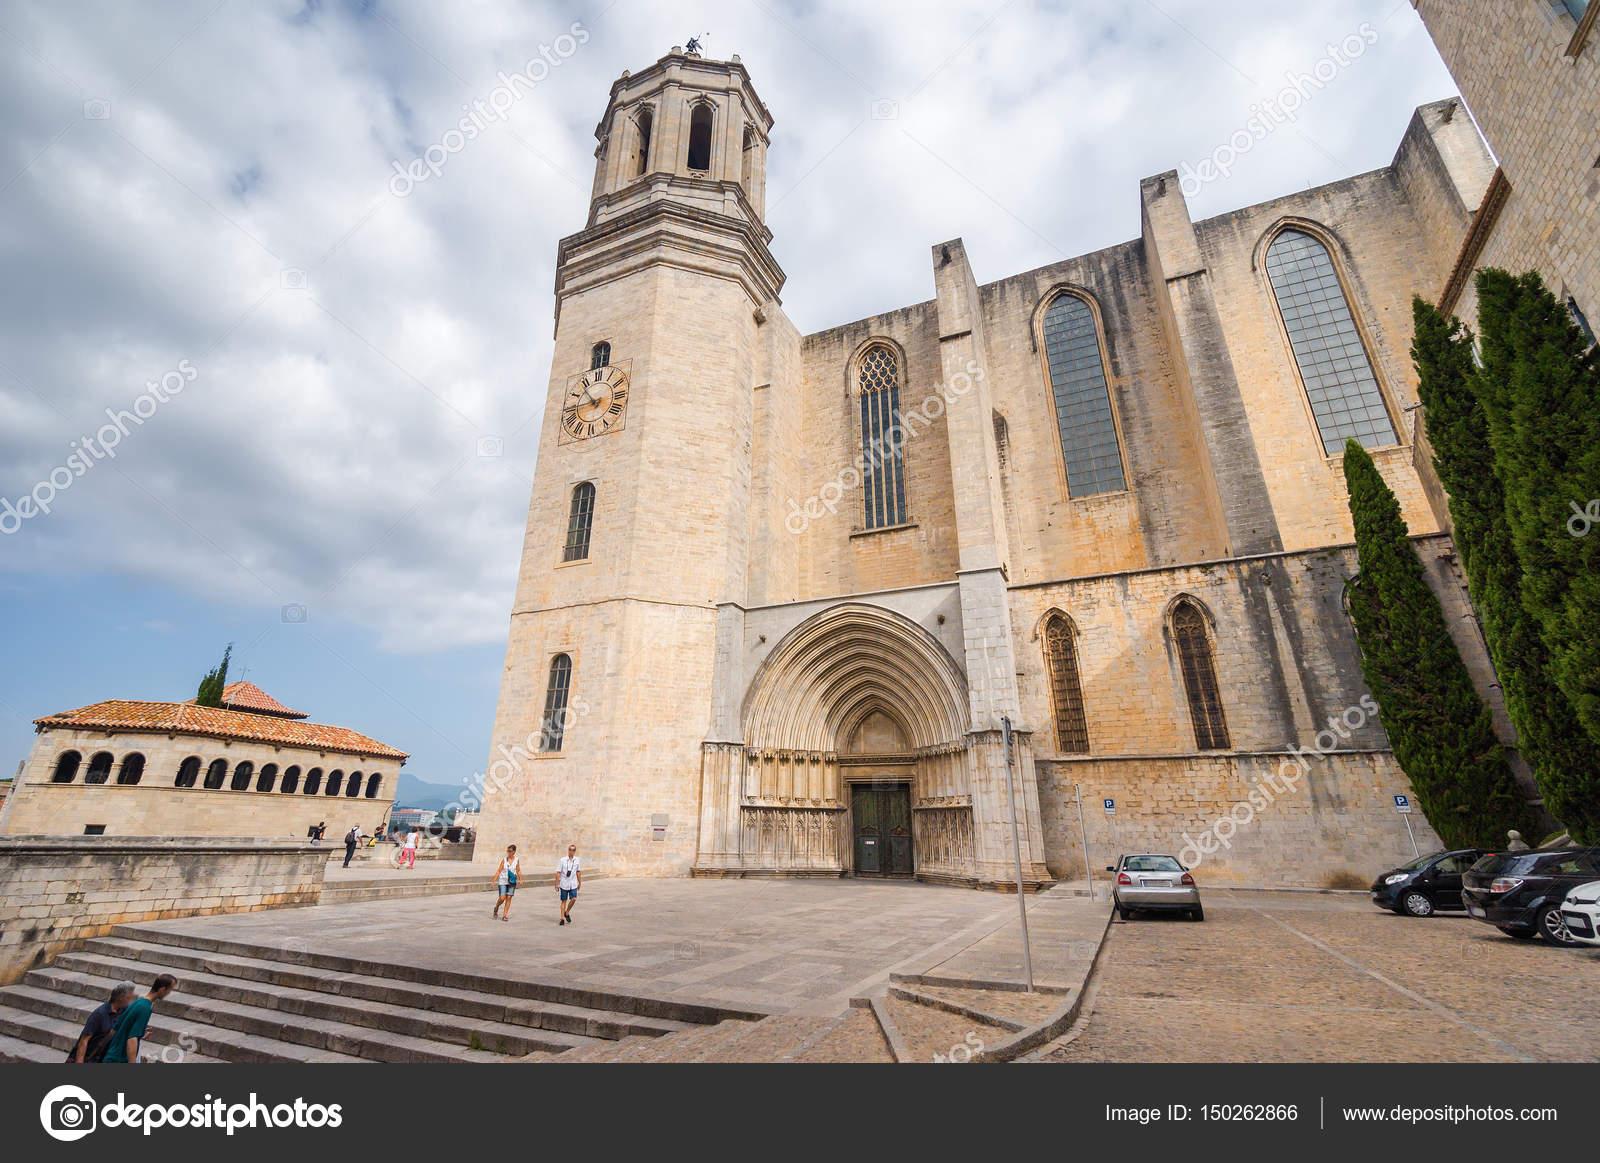 Fotos La Catedral De Girona Vista Nublada De La Catedral De